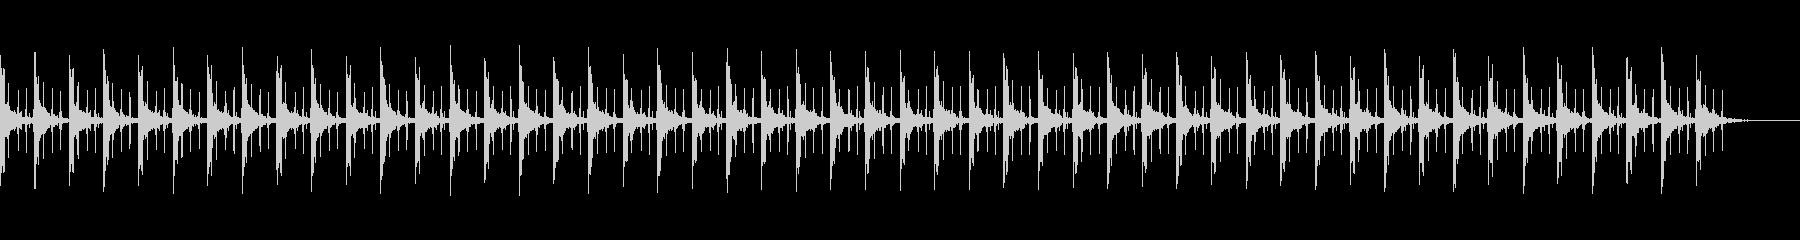 ピッピ+秒針 カウント50秒の未再生の波形